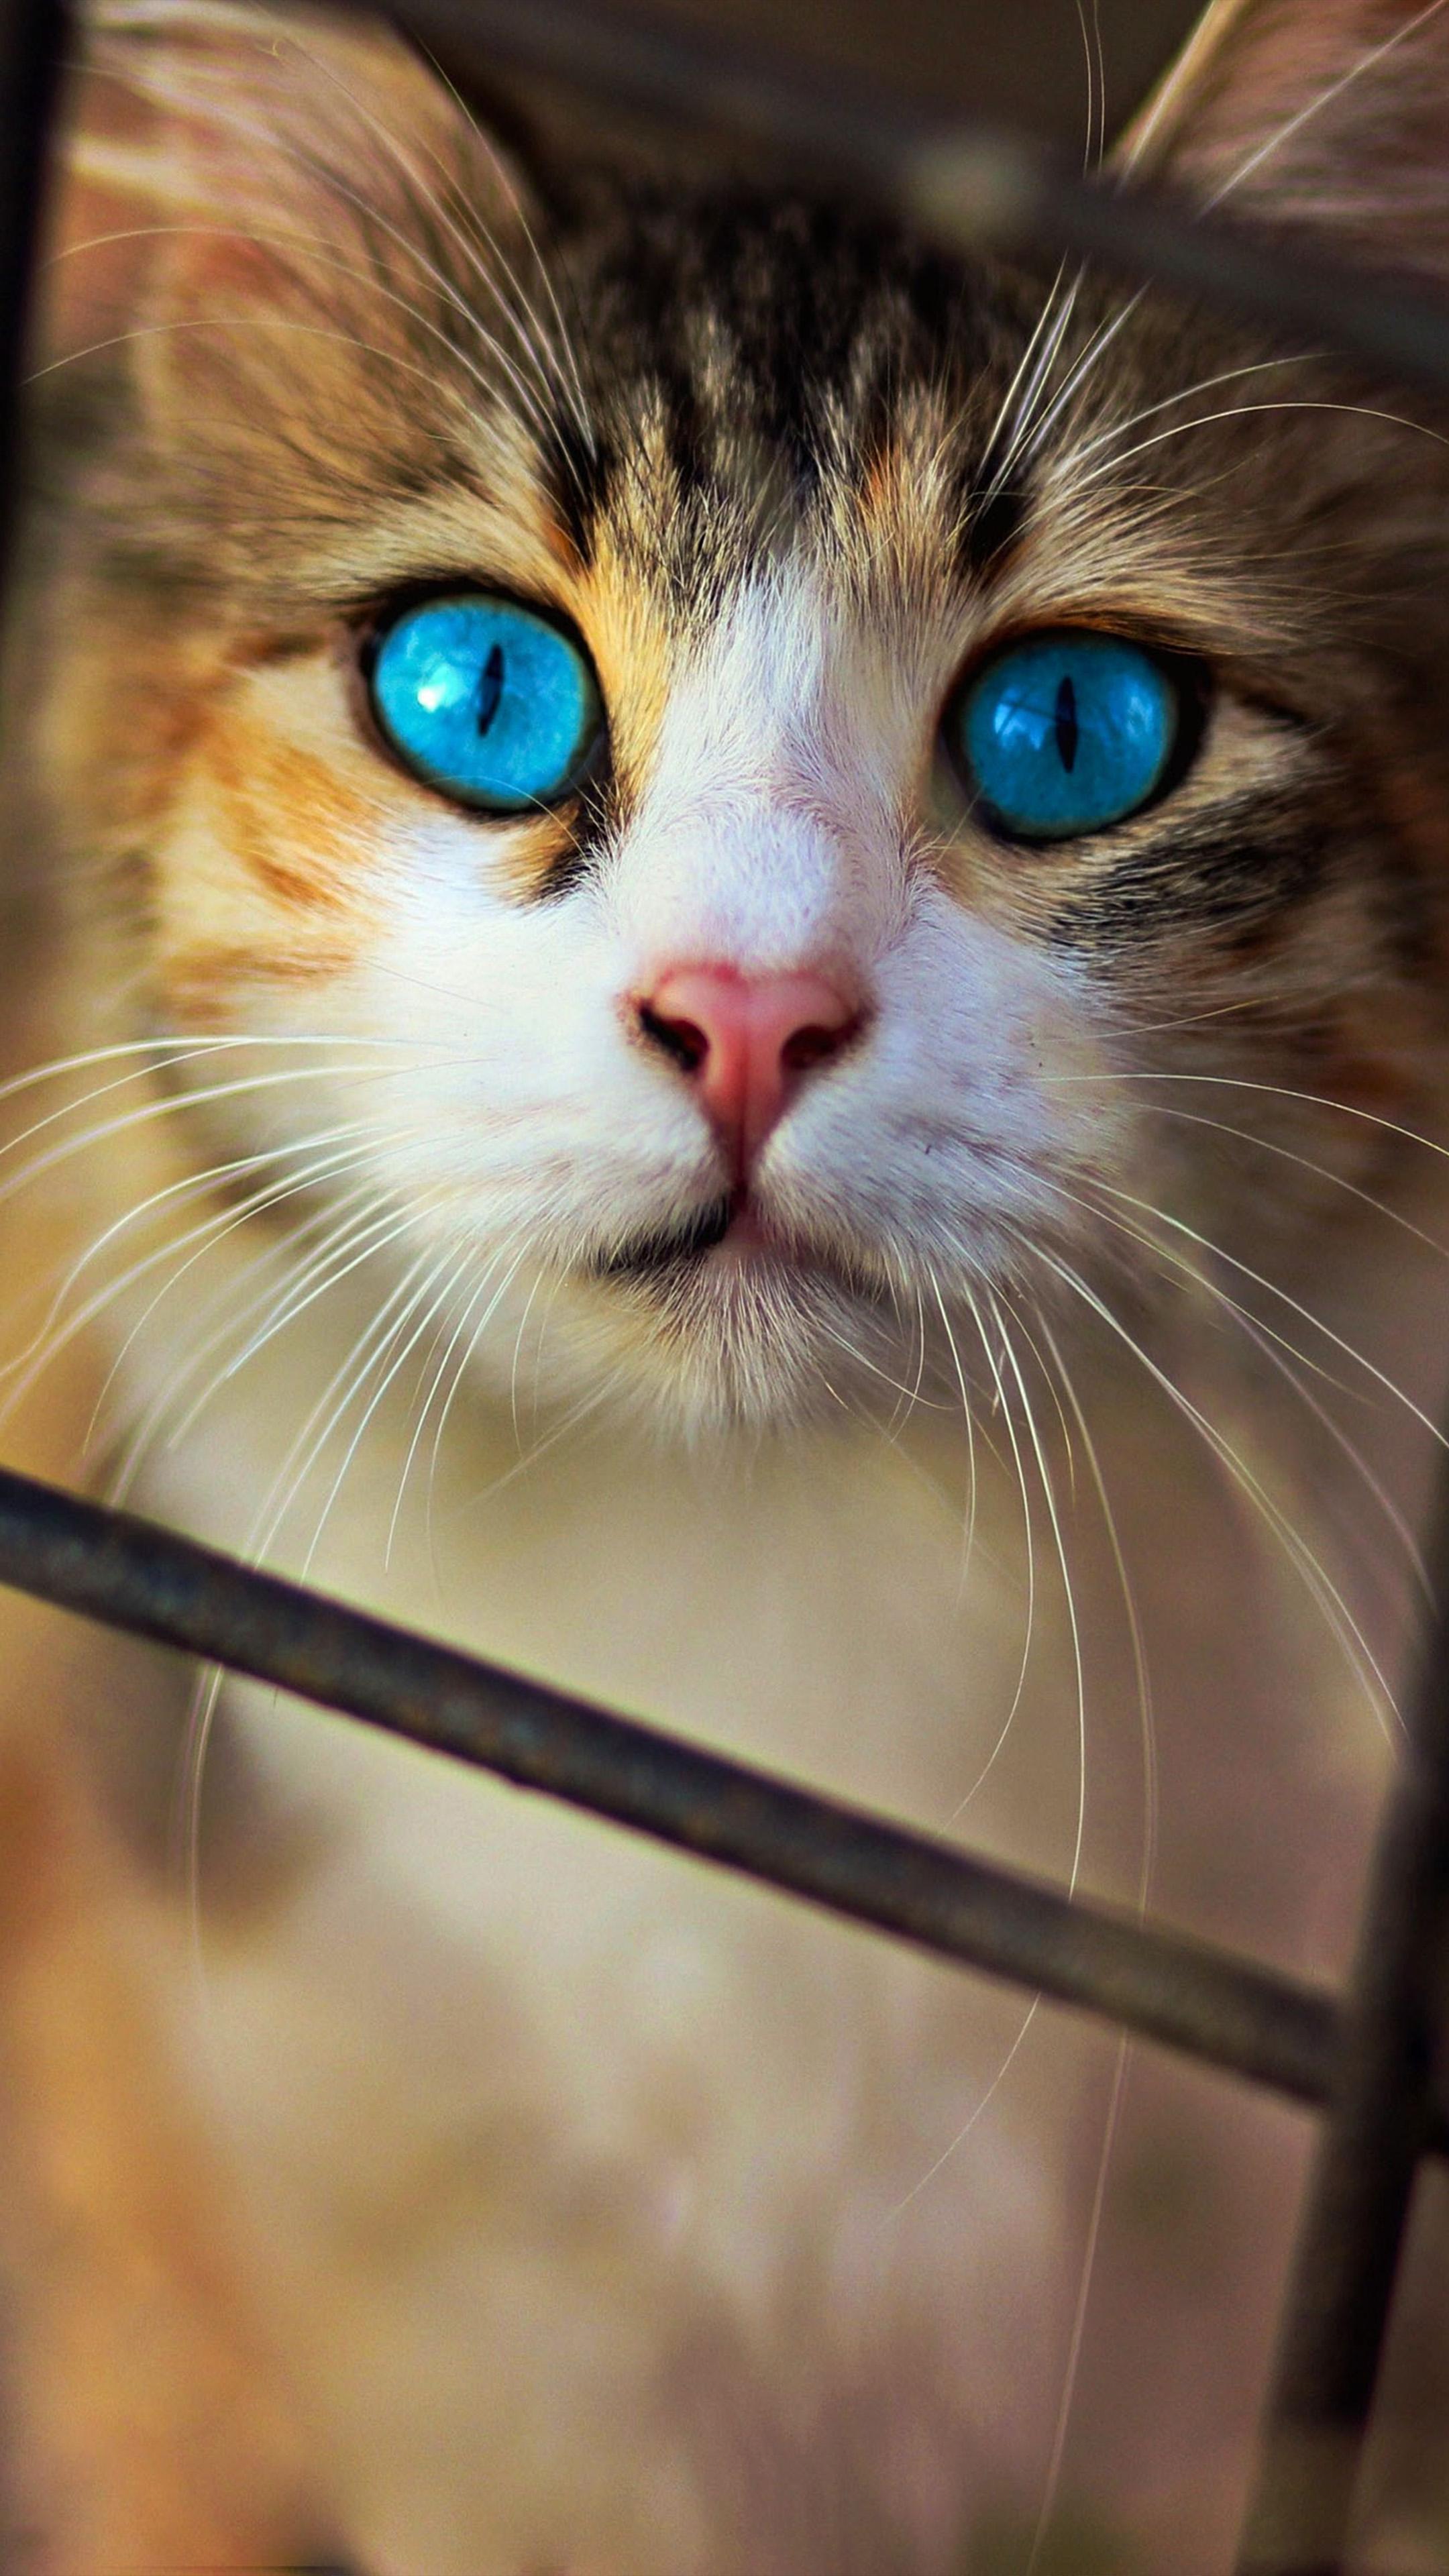 Cute Cat Blue Eyes 4k Ultra Hd Mobile Wallpaper